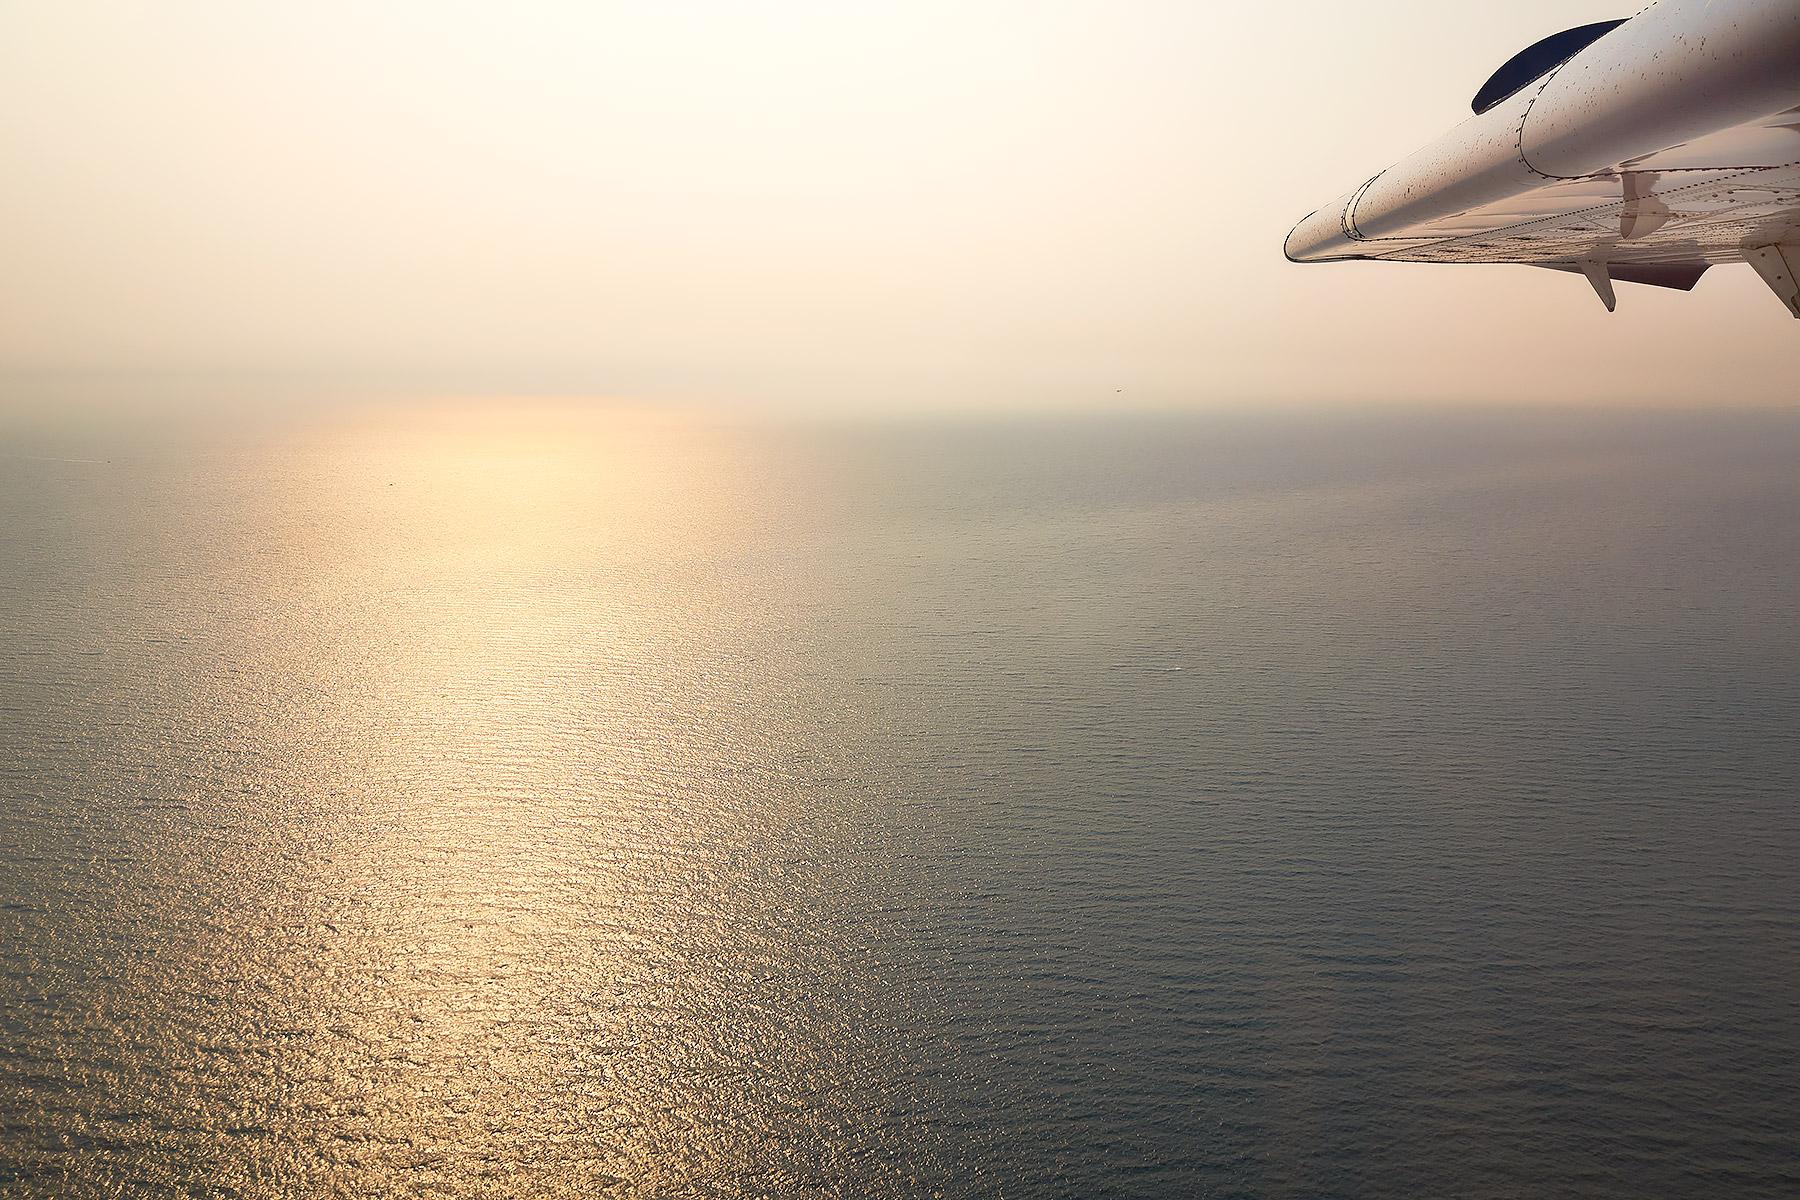 Flying through wildfire smoke above Georgia Strait